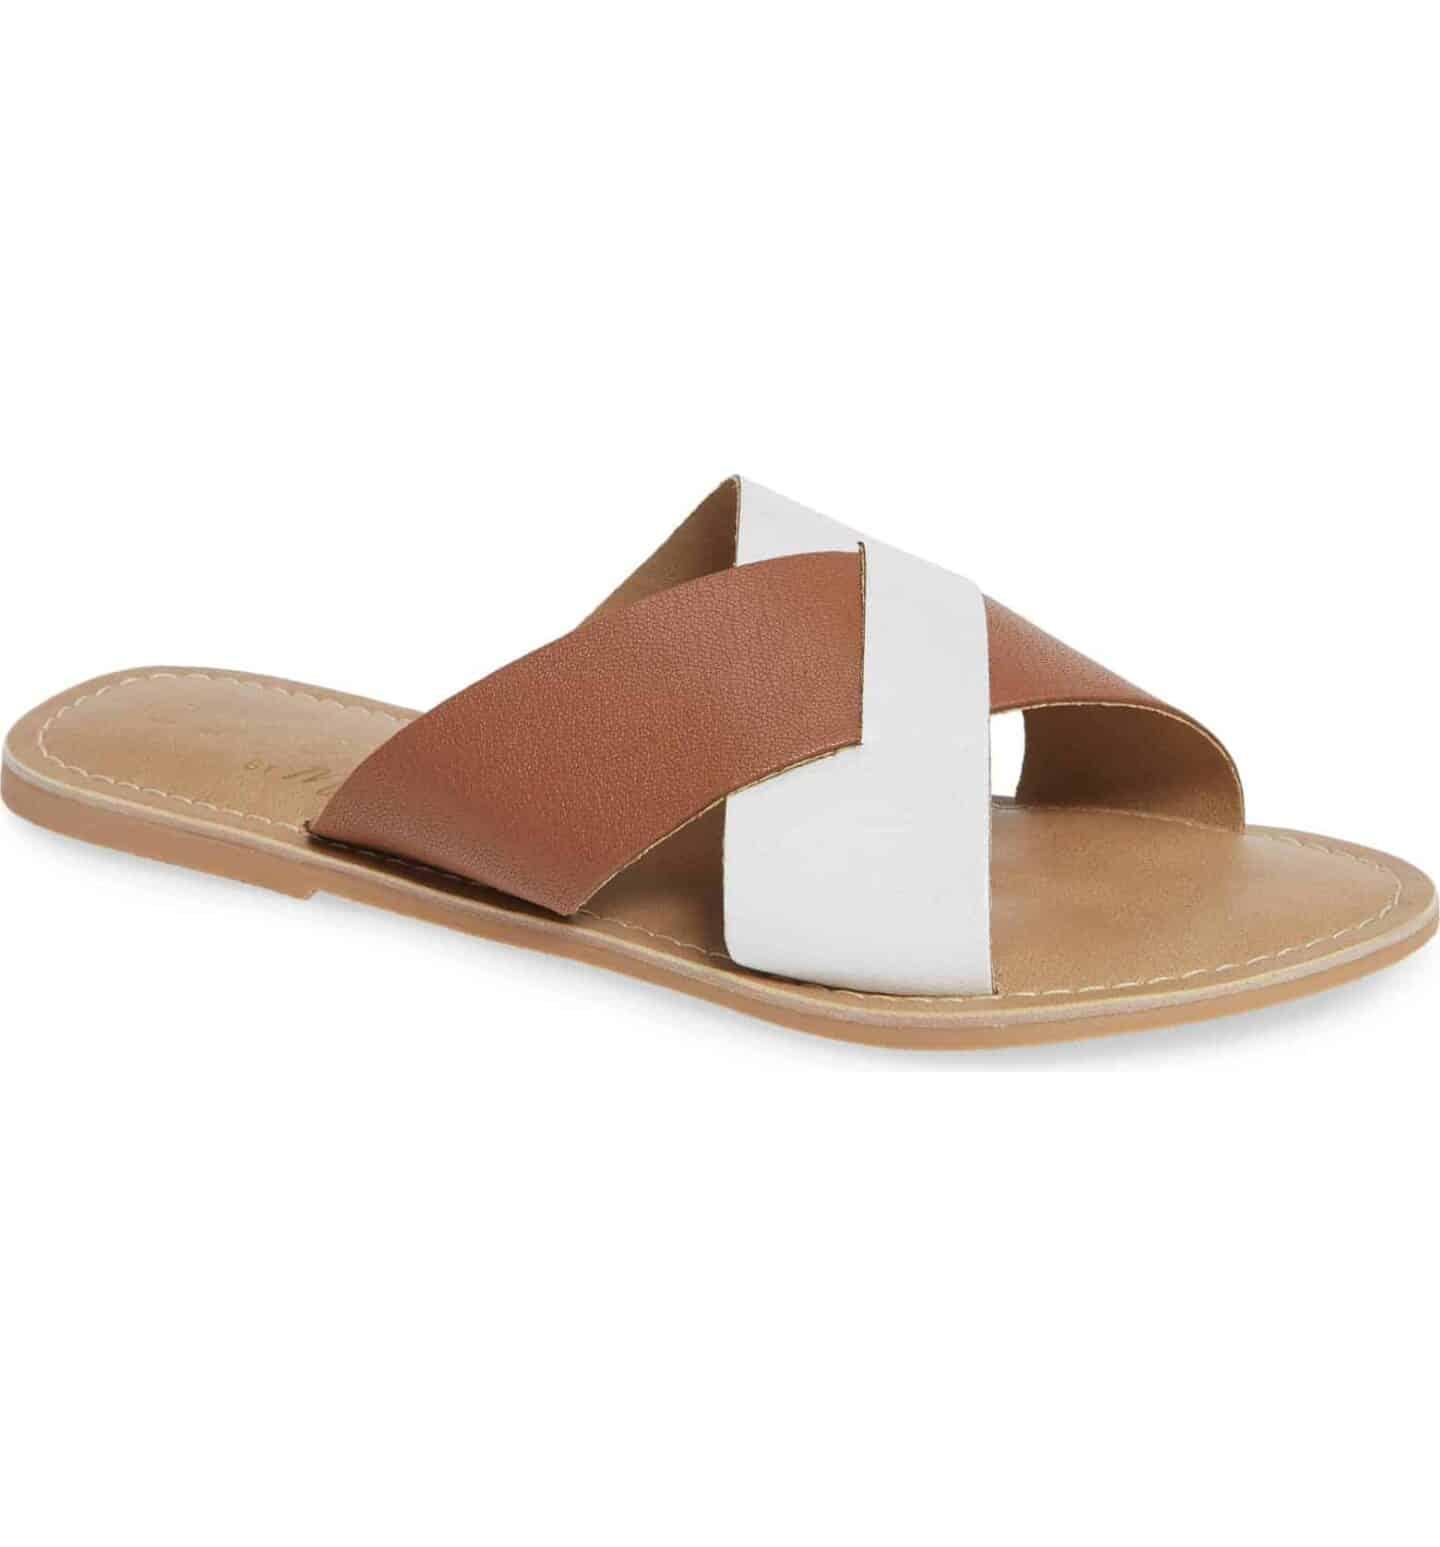 Wilma Slide Sandal